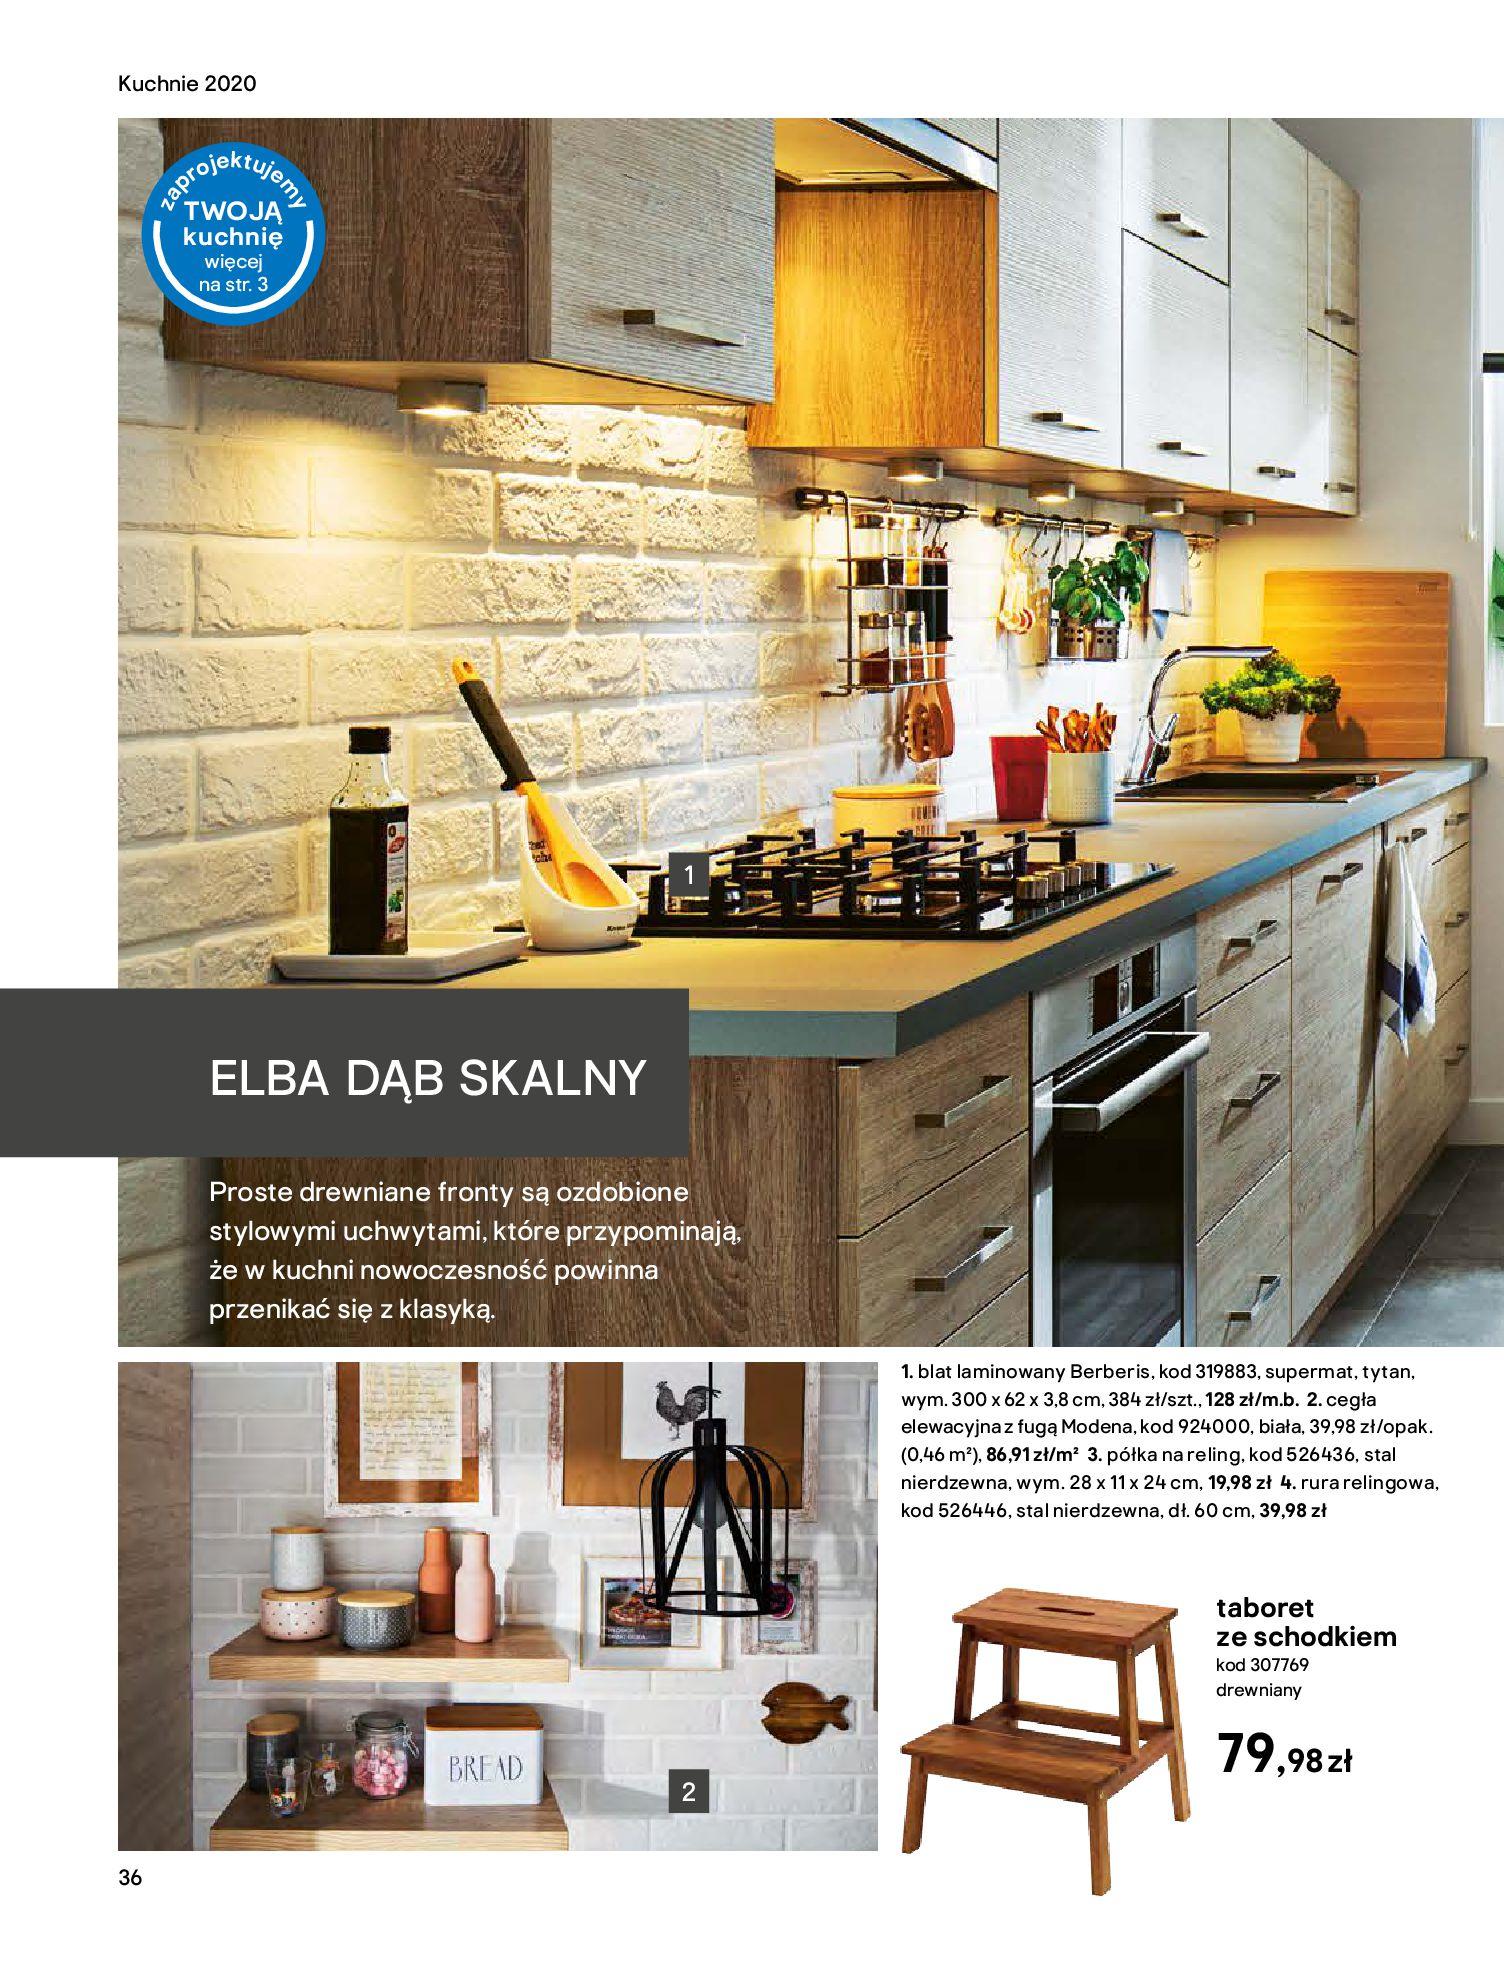 Gazetka Castorama - Katalog Kuchnie 2020-14.04.2020-31.12.2020-page-36